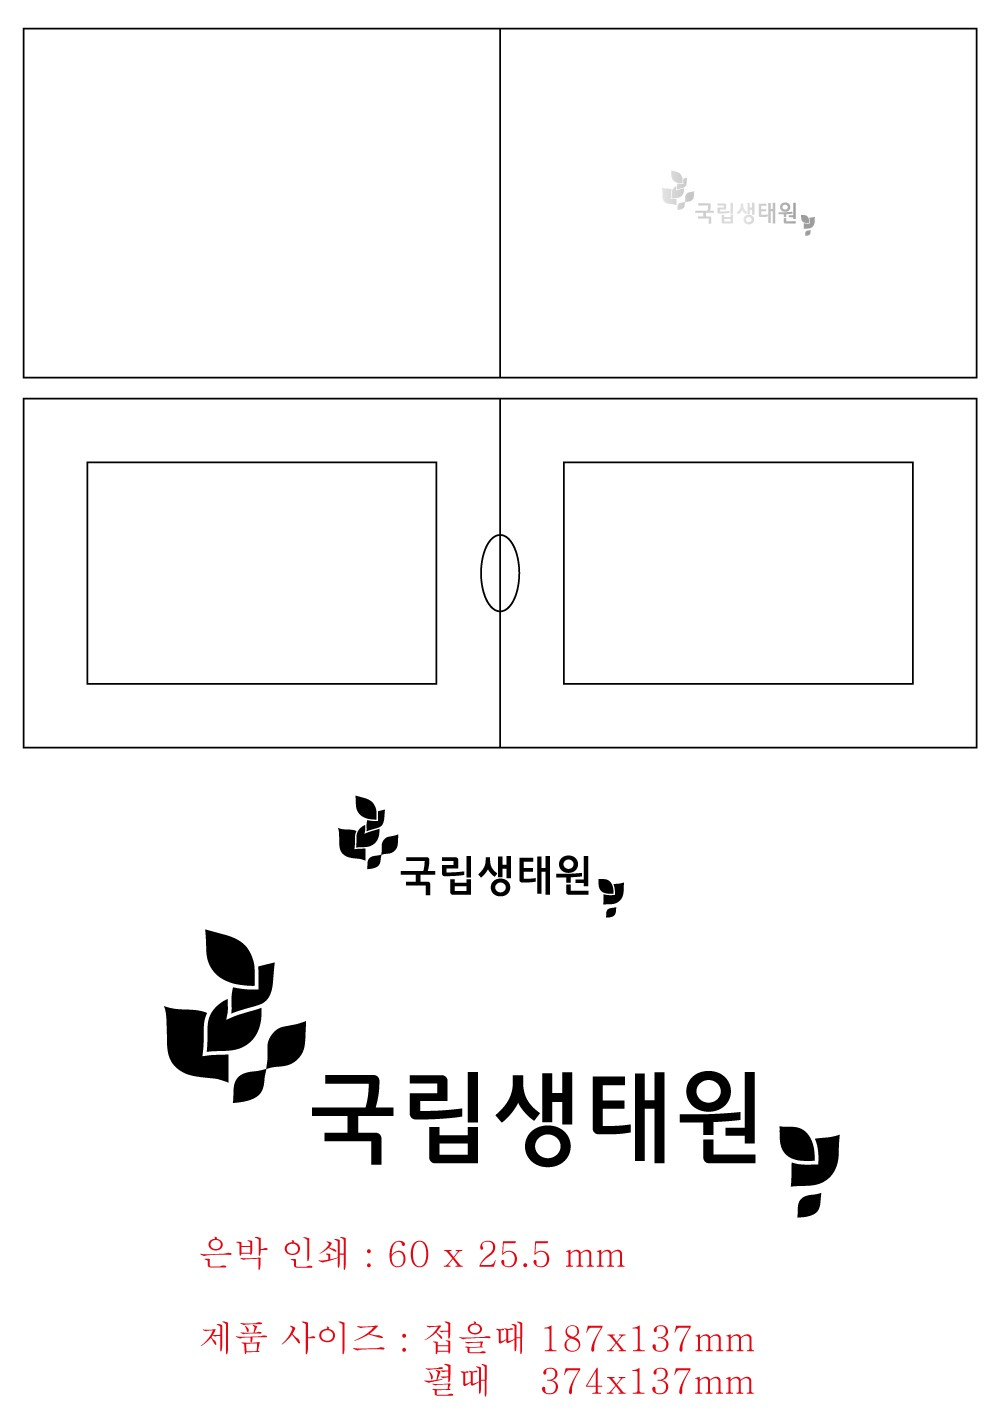 사본 -국립생태원-종이액자-은박-인쇄시안-20190917.jpg